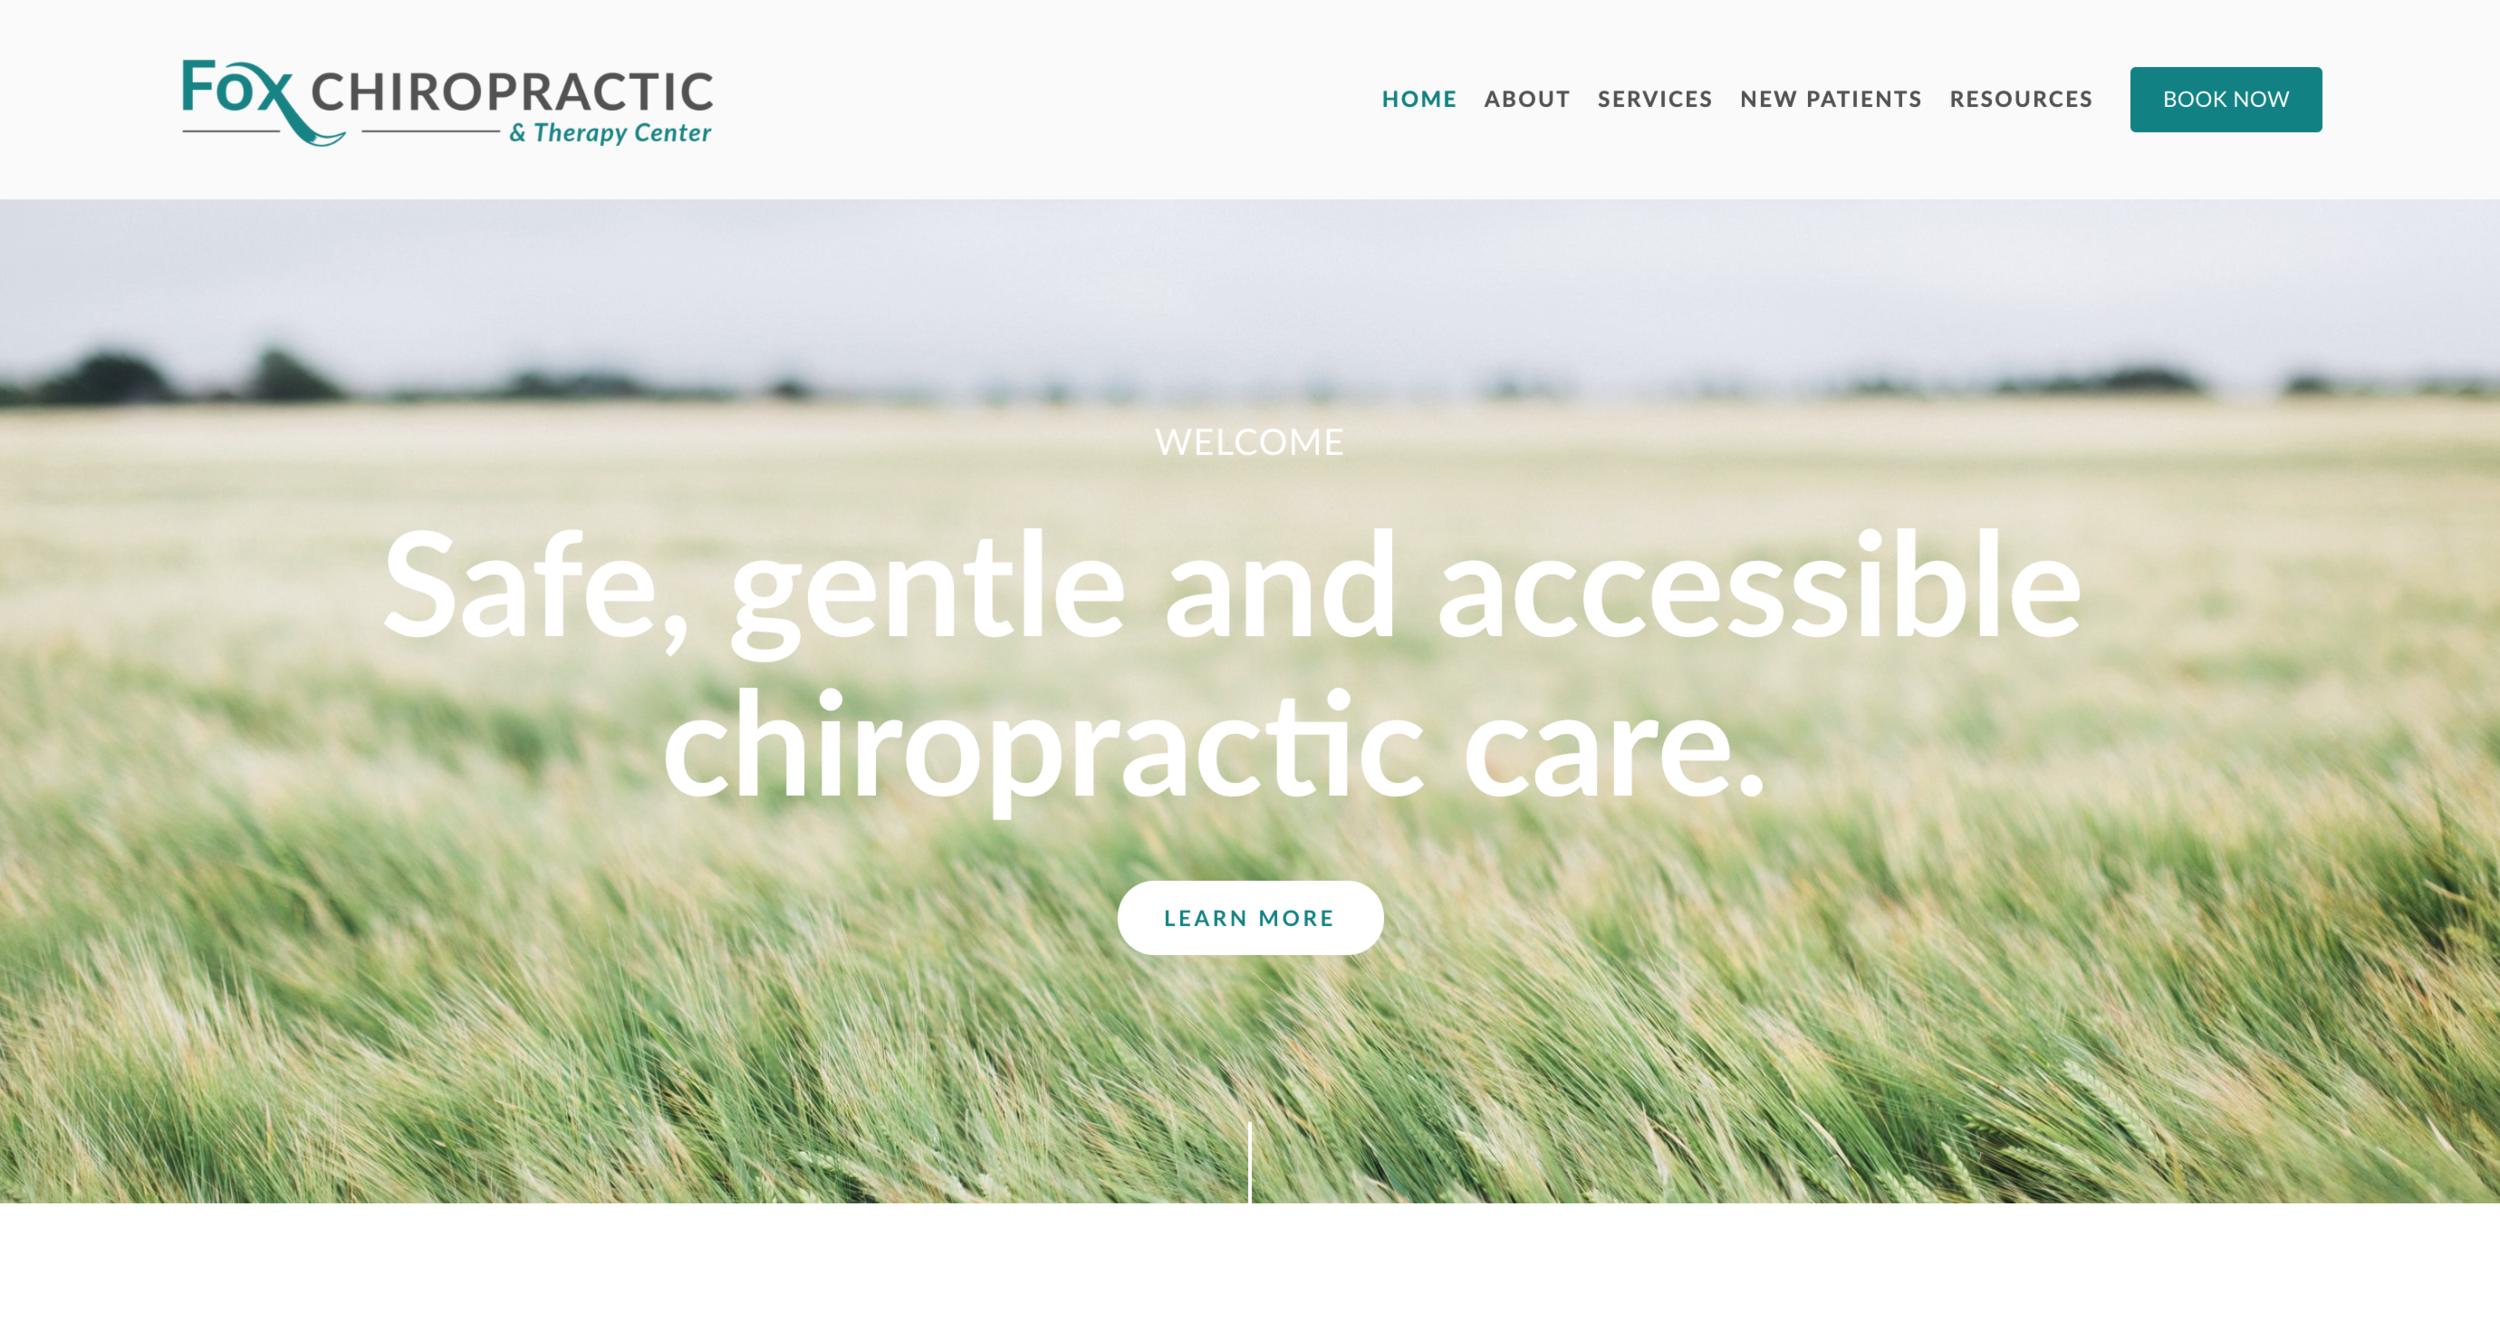 Medical Practice Website